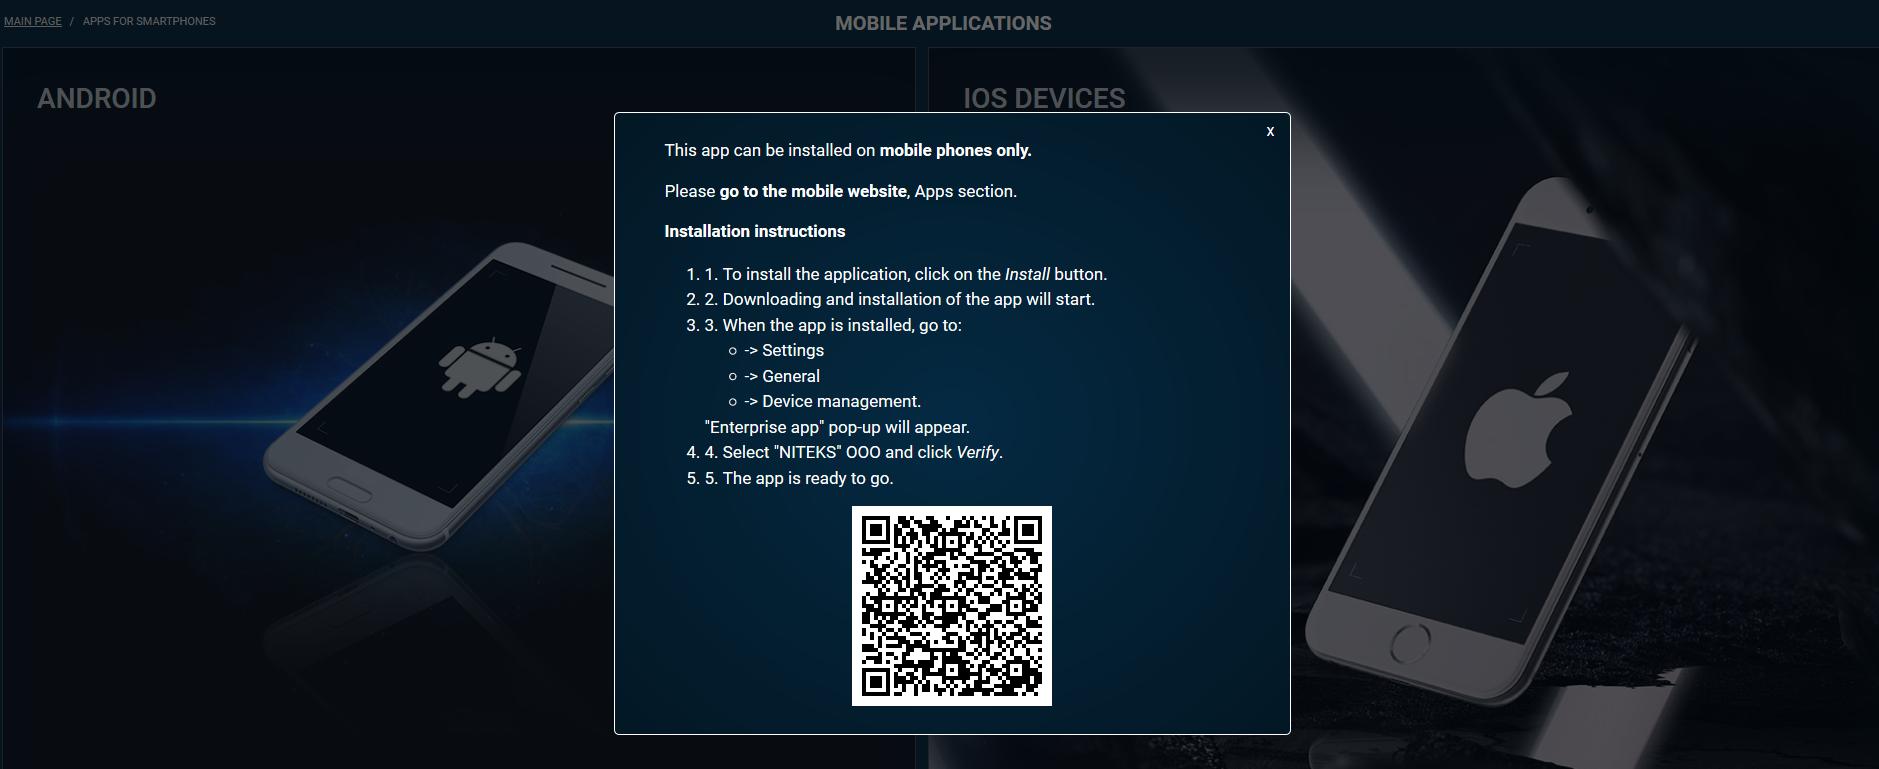 Aplicação móvel 1xbet